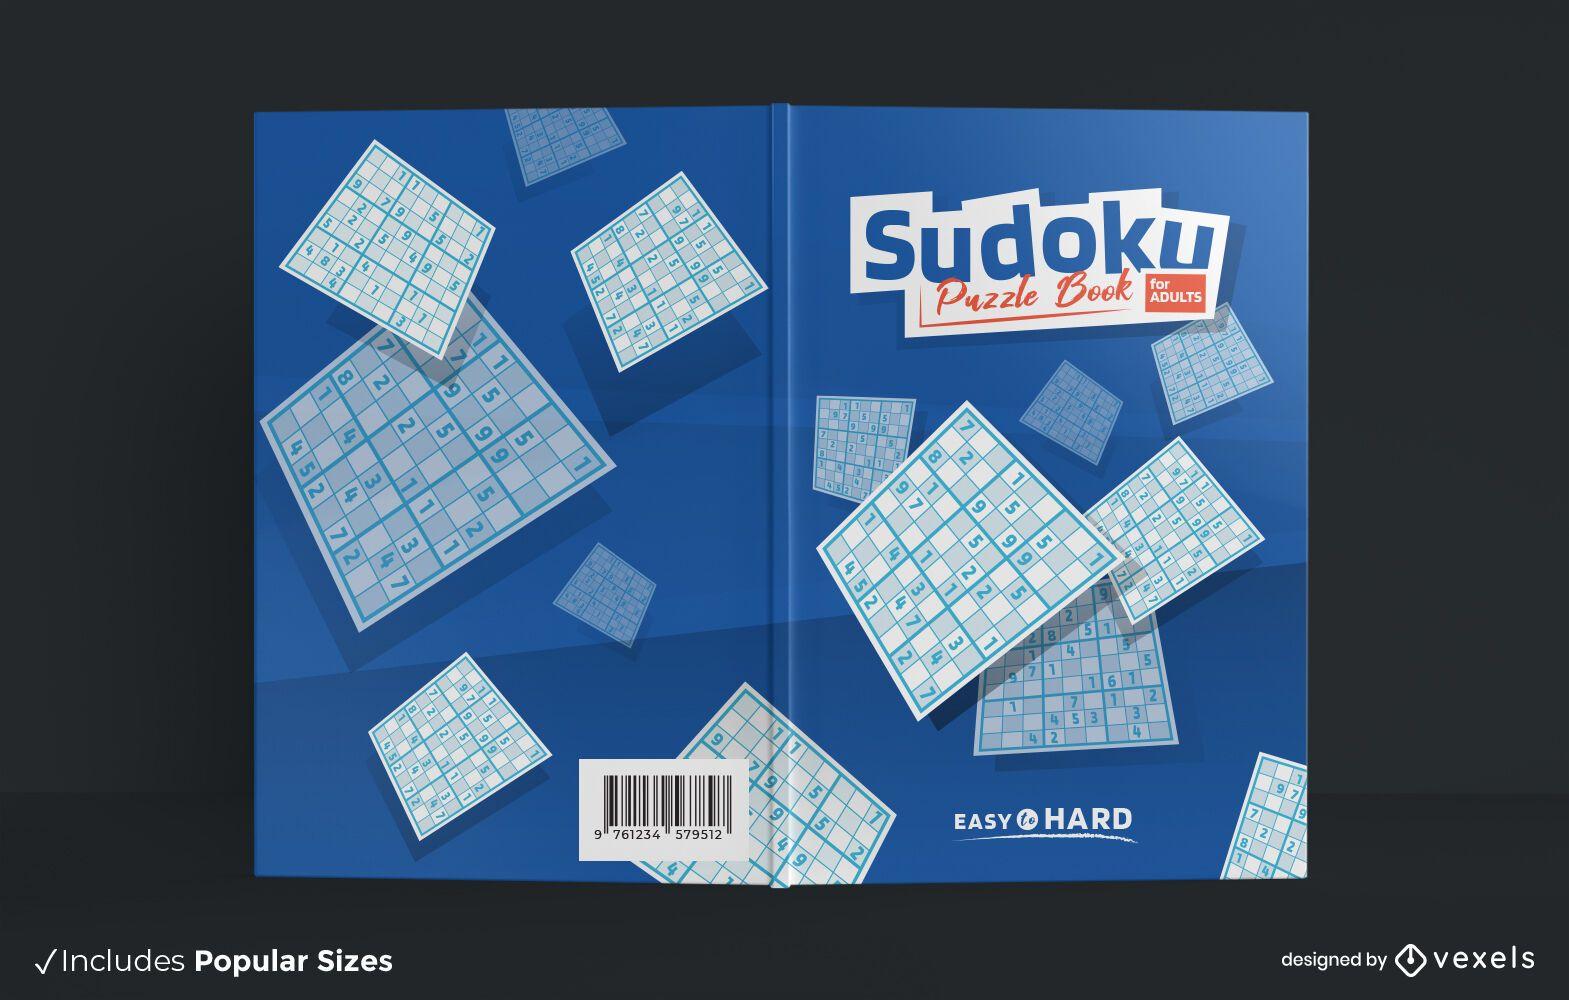 Sudoku puzzle dise?o de portada de libro para adultos